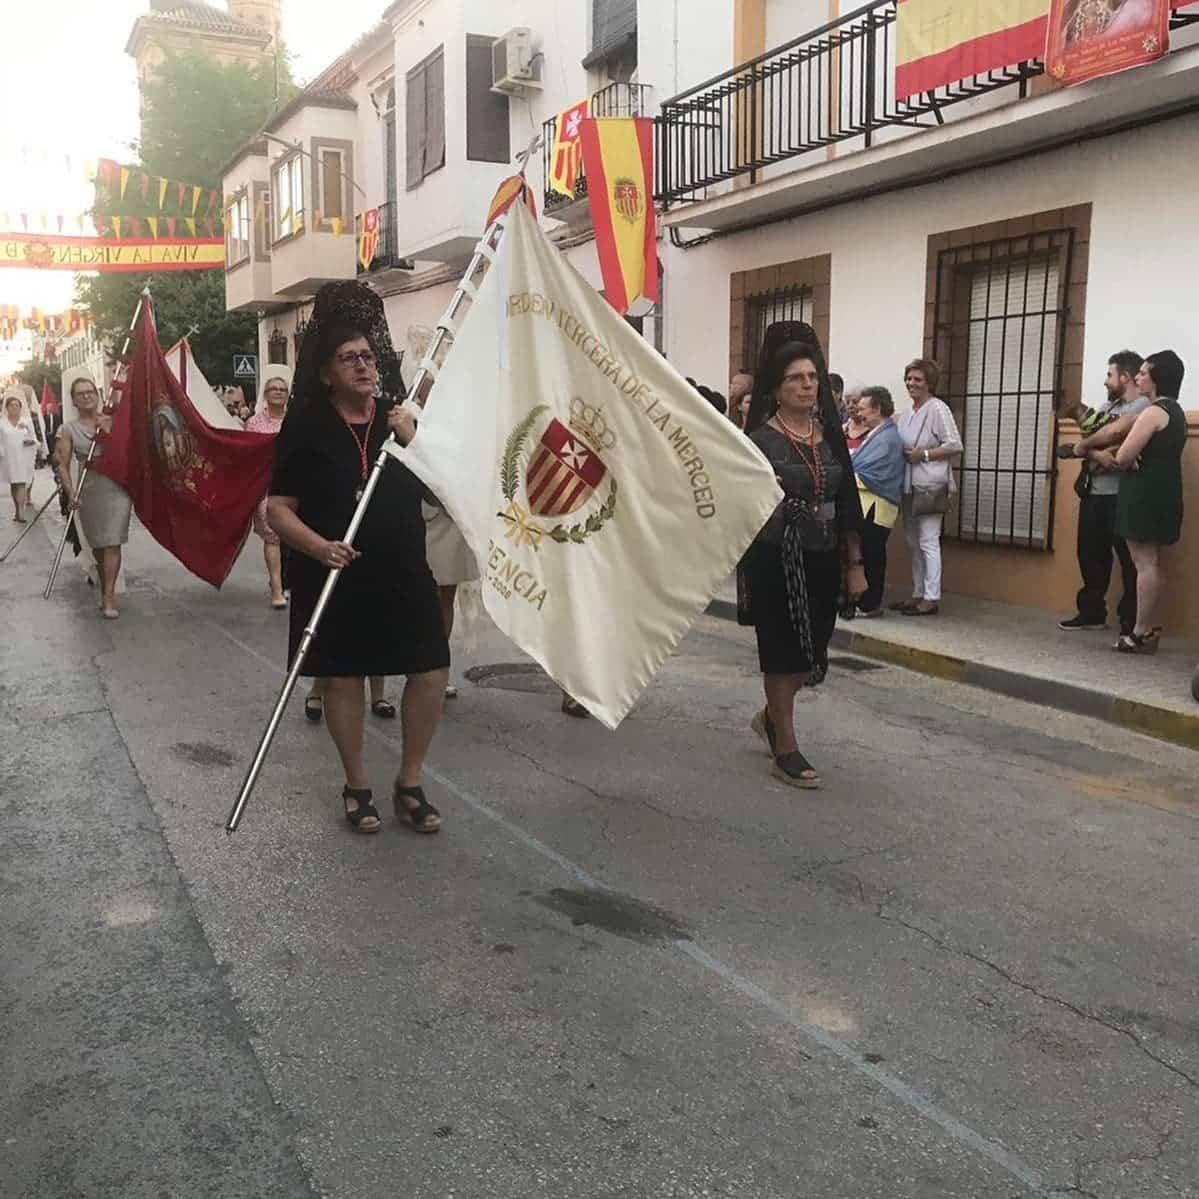 Magna procesión de nuestra Santísima Madre cierra la Feria y Fiestas herenciana 23